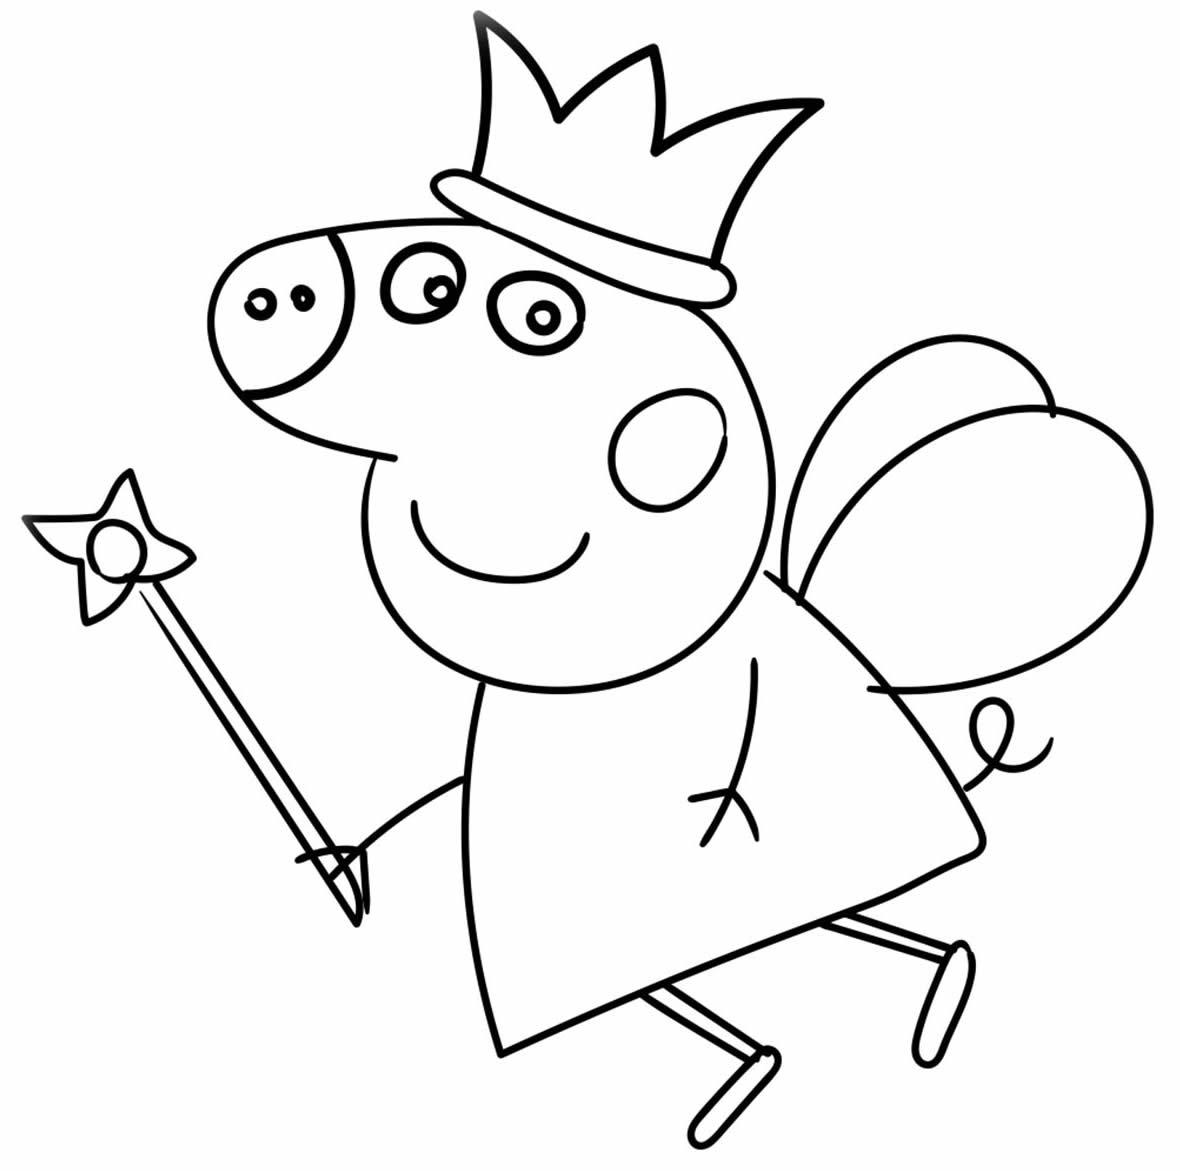 Molde da Peppa Pig para pintar